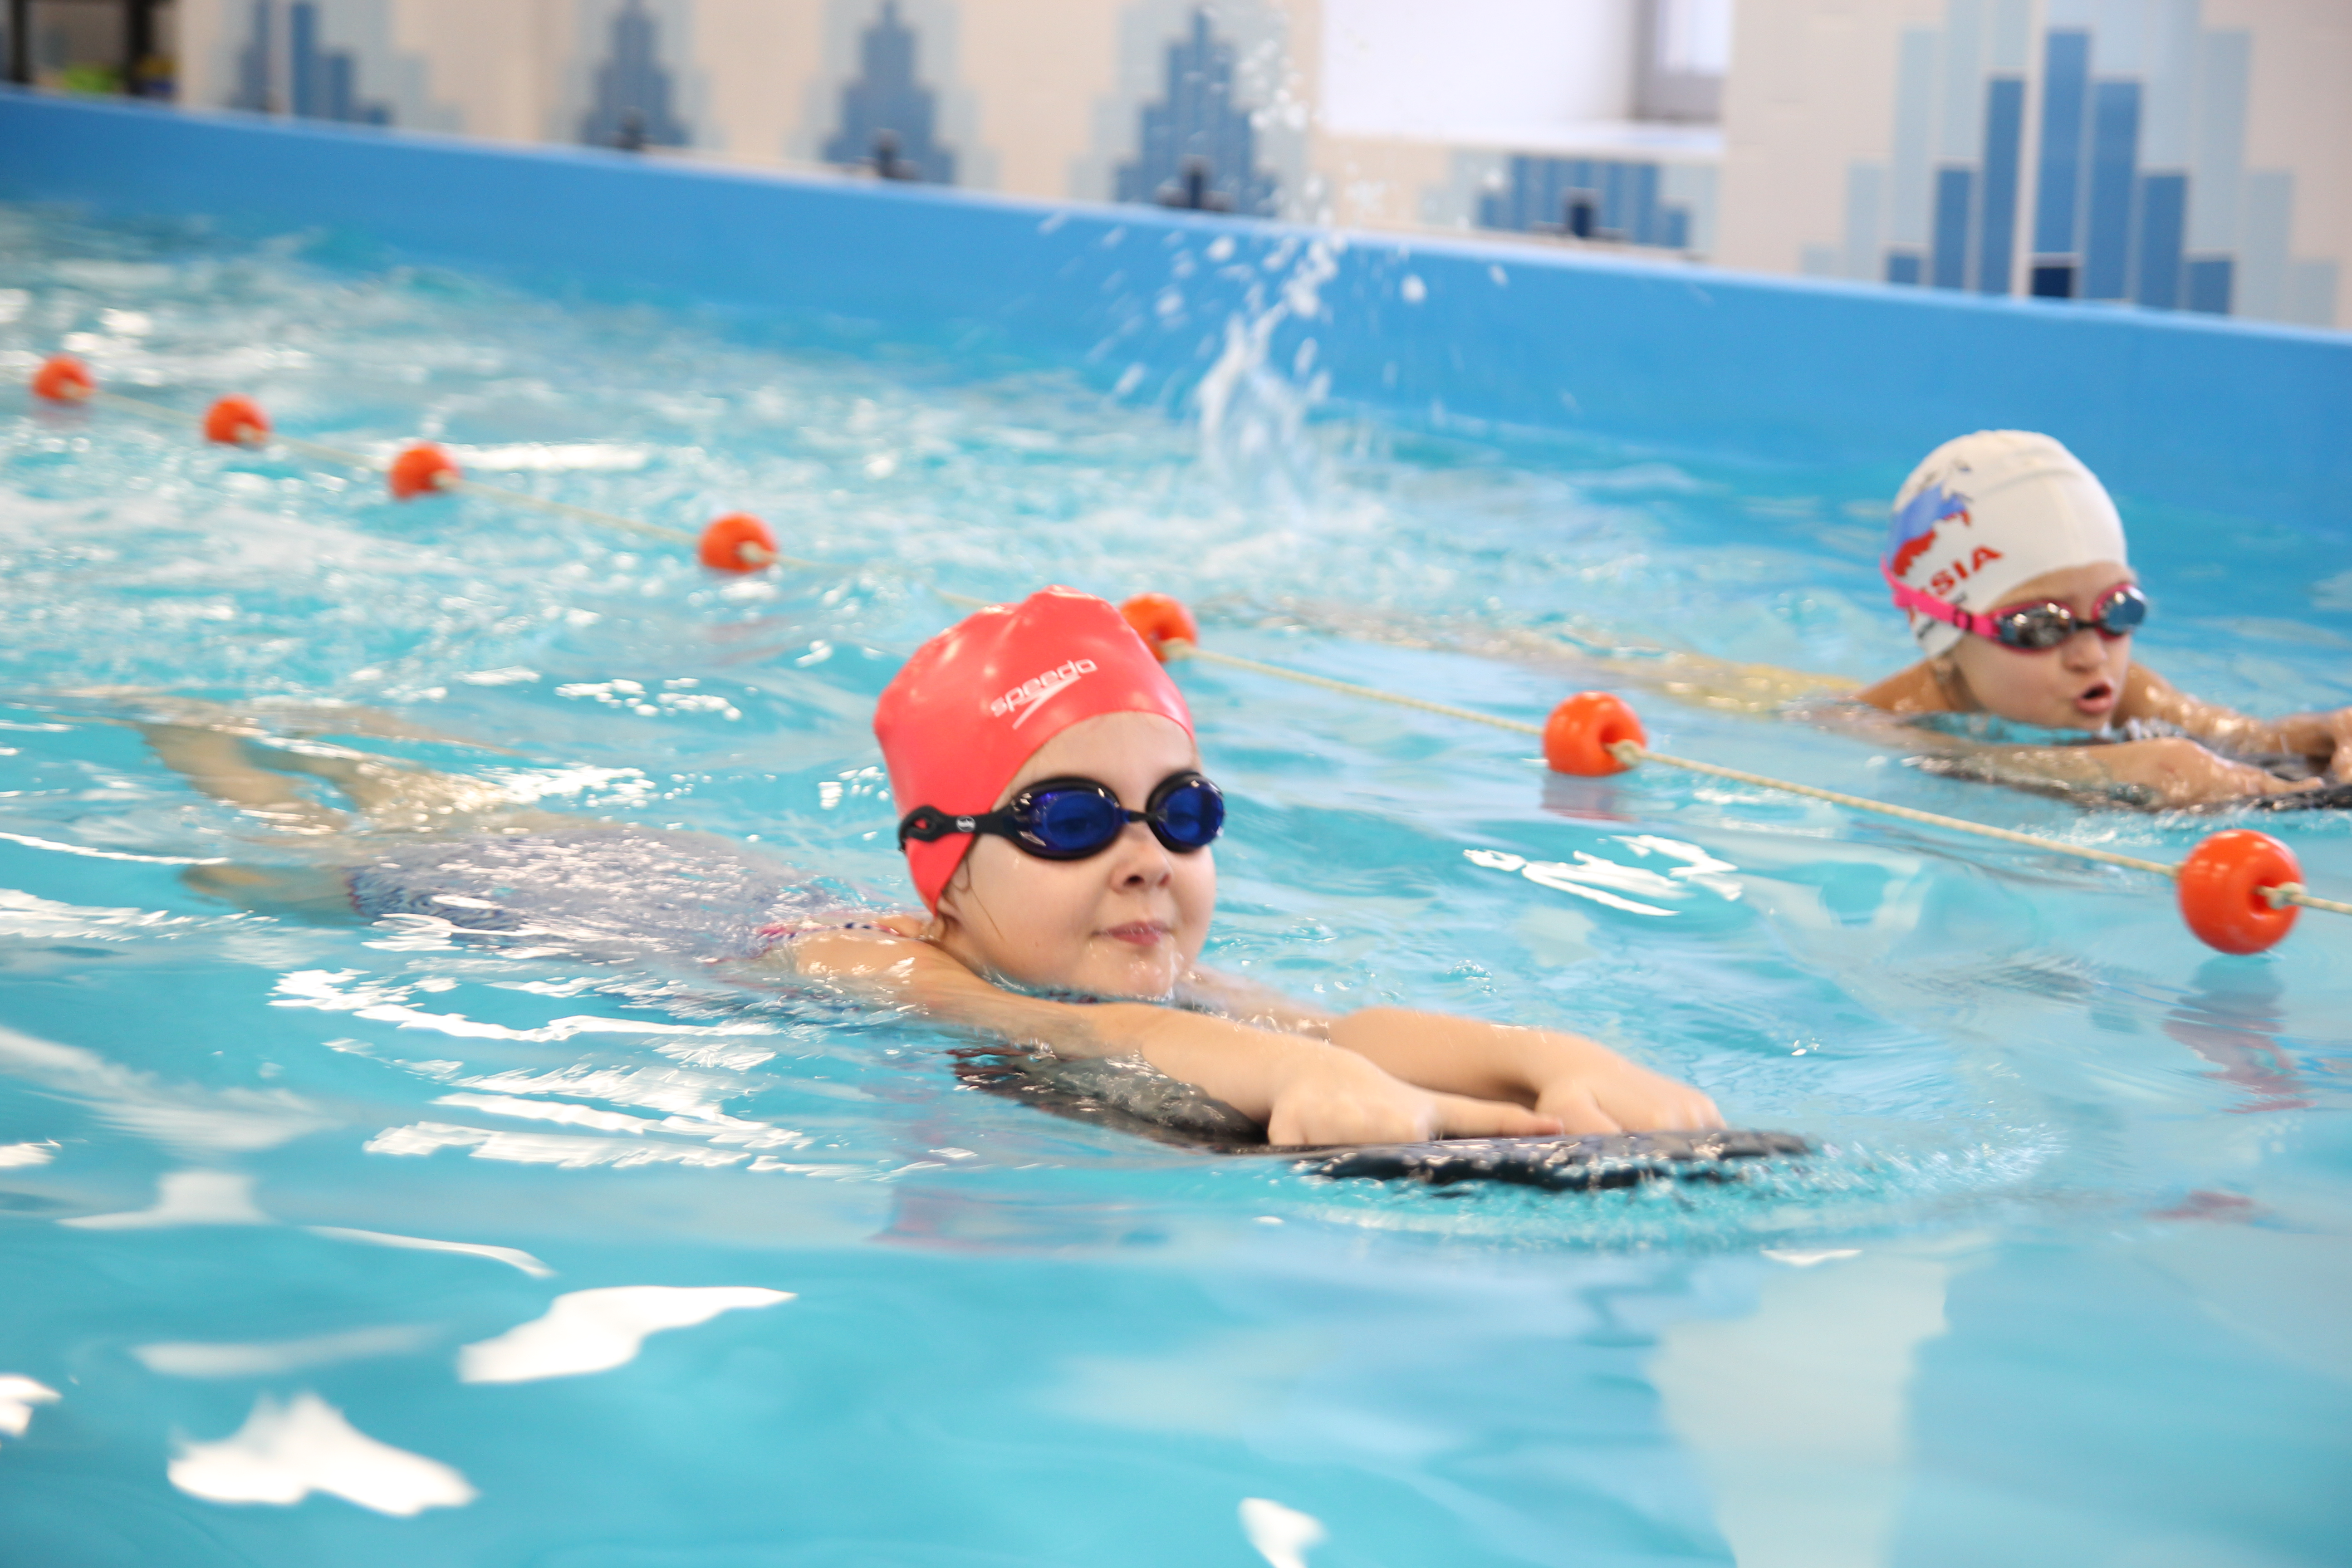 Обучение плаванию картинка для детей